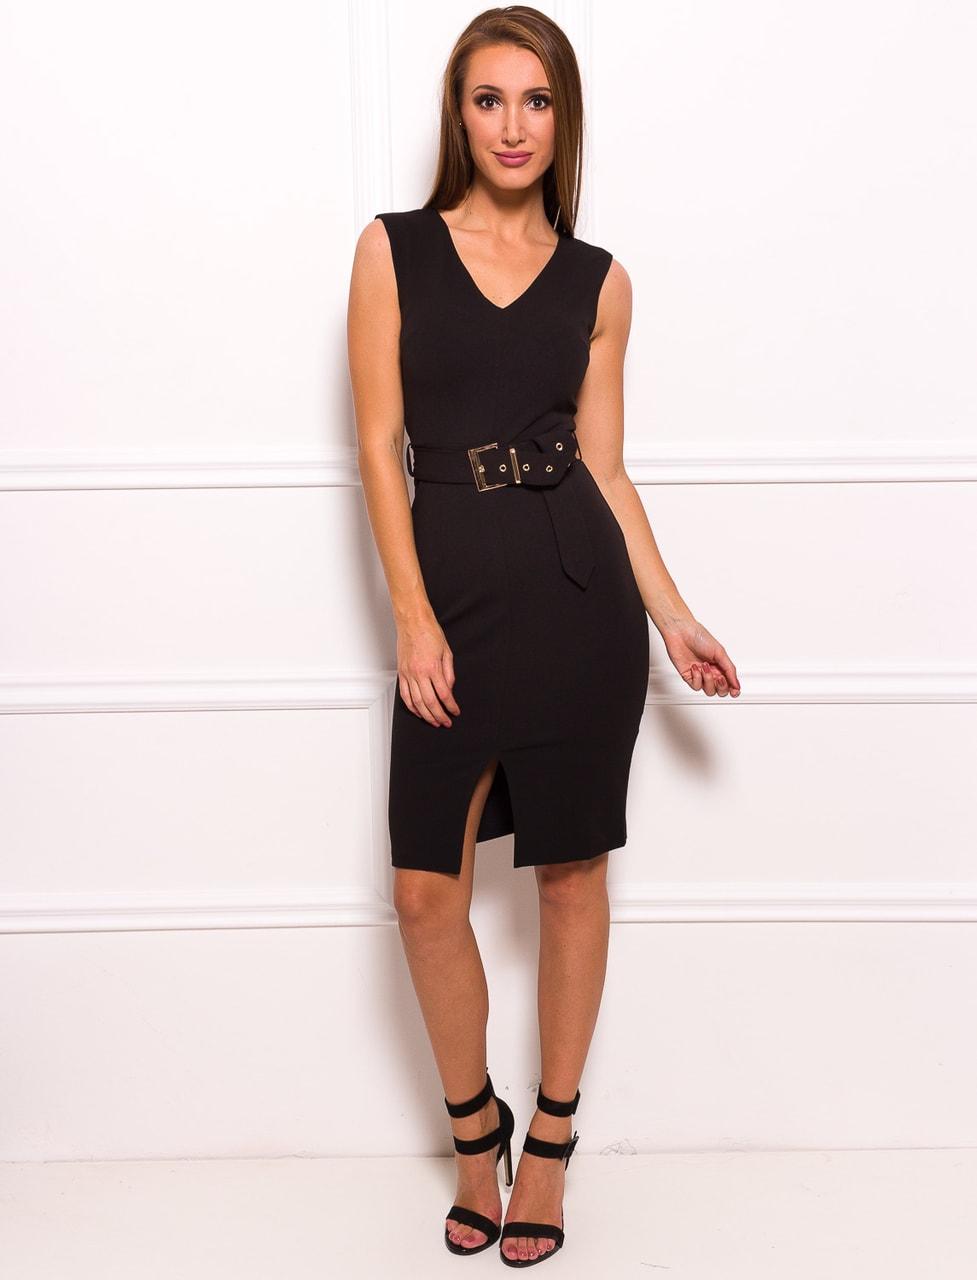 be681208a680 Glamadise.sk - Dámske elegantné šaty čierne s opaskom a zlatou ...